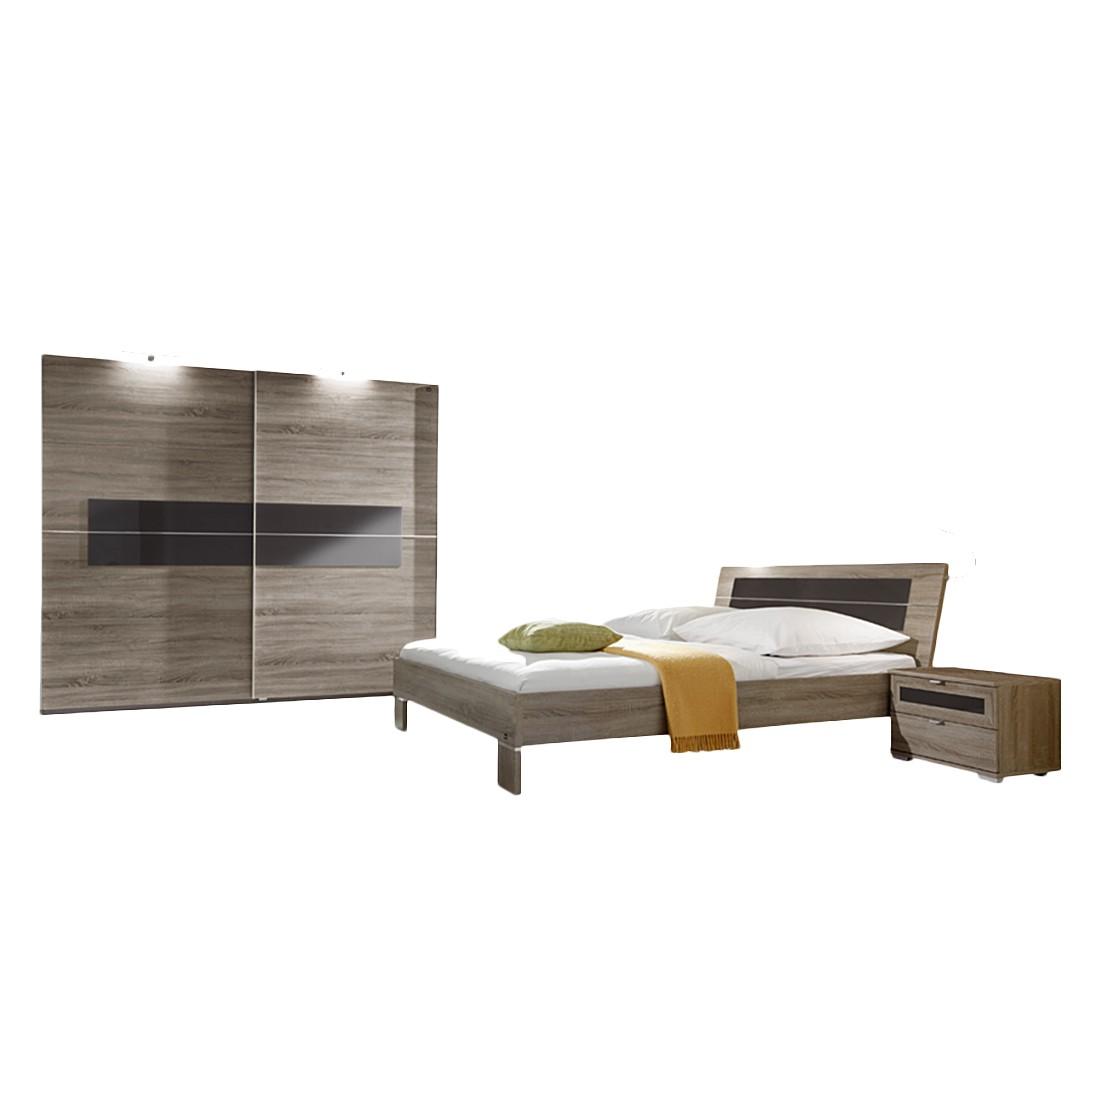 Schlafzimmer Komplettset Zoreca (4-teilig) – Eiche Dekor/Braun – 001 – Ausführung: Ausführung 1, Star Möbel bestellen